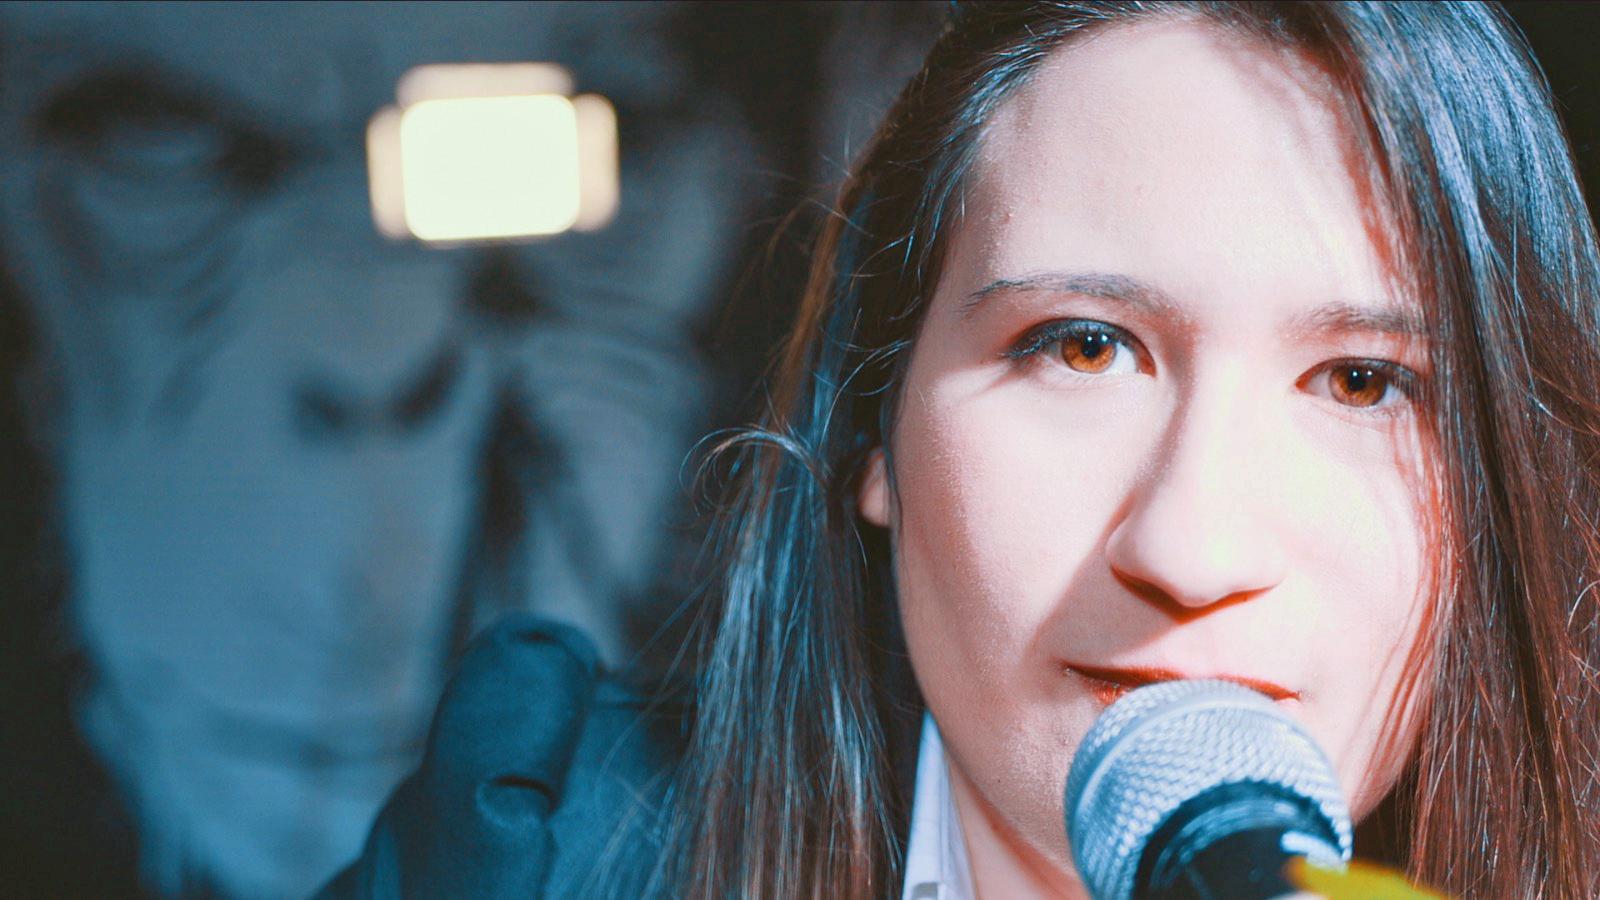 A cento giorni dalla maturità la giovanissima Chiara Nikita lancia il suo primo singolo